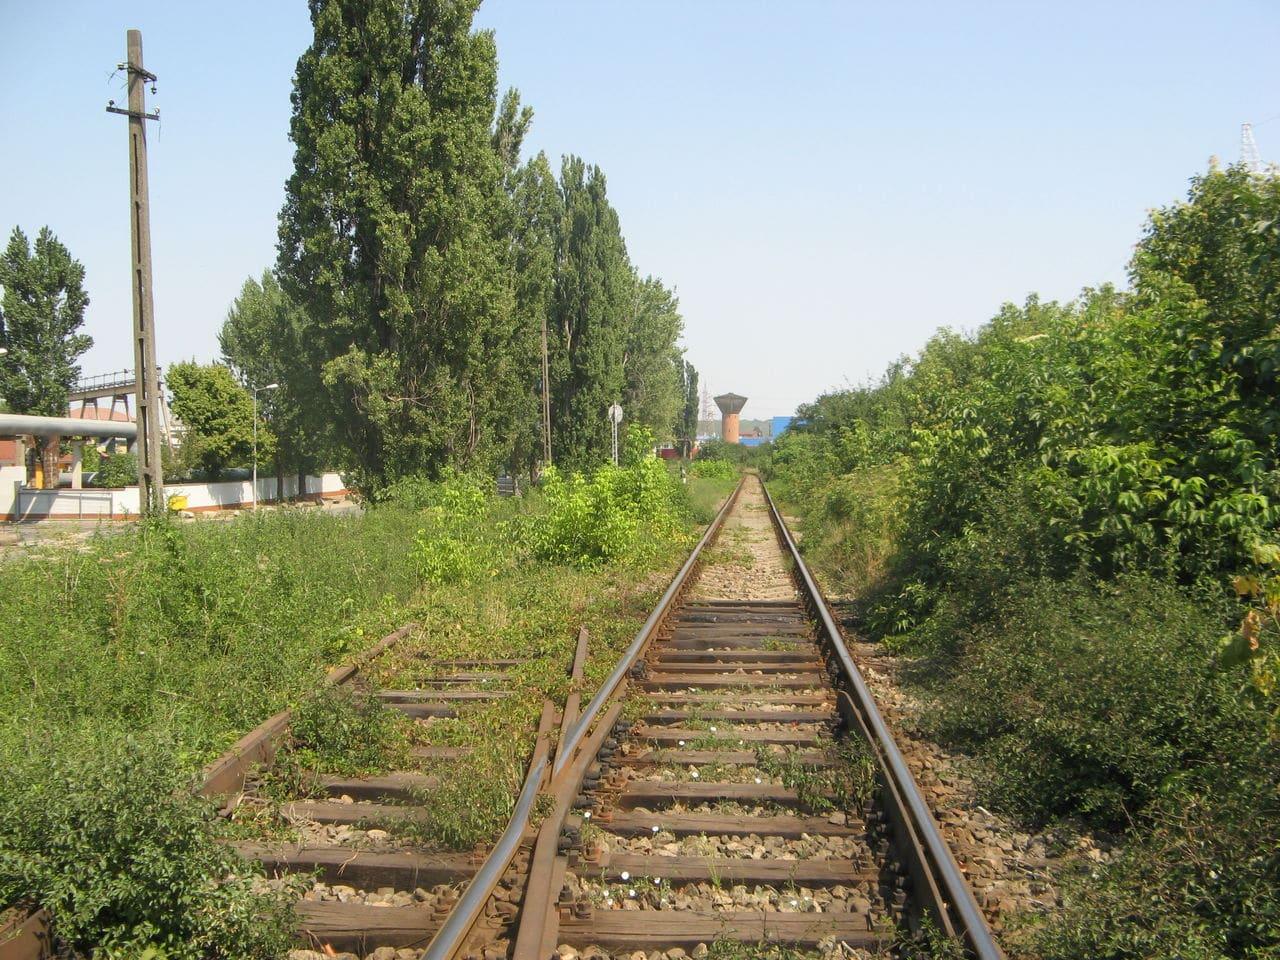 Calea ferată directă Oradea Vest - Episcopia Bihor IMG_0032